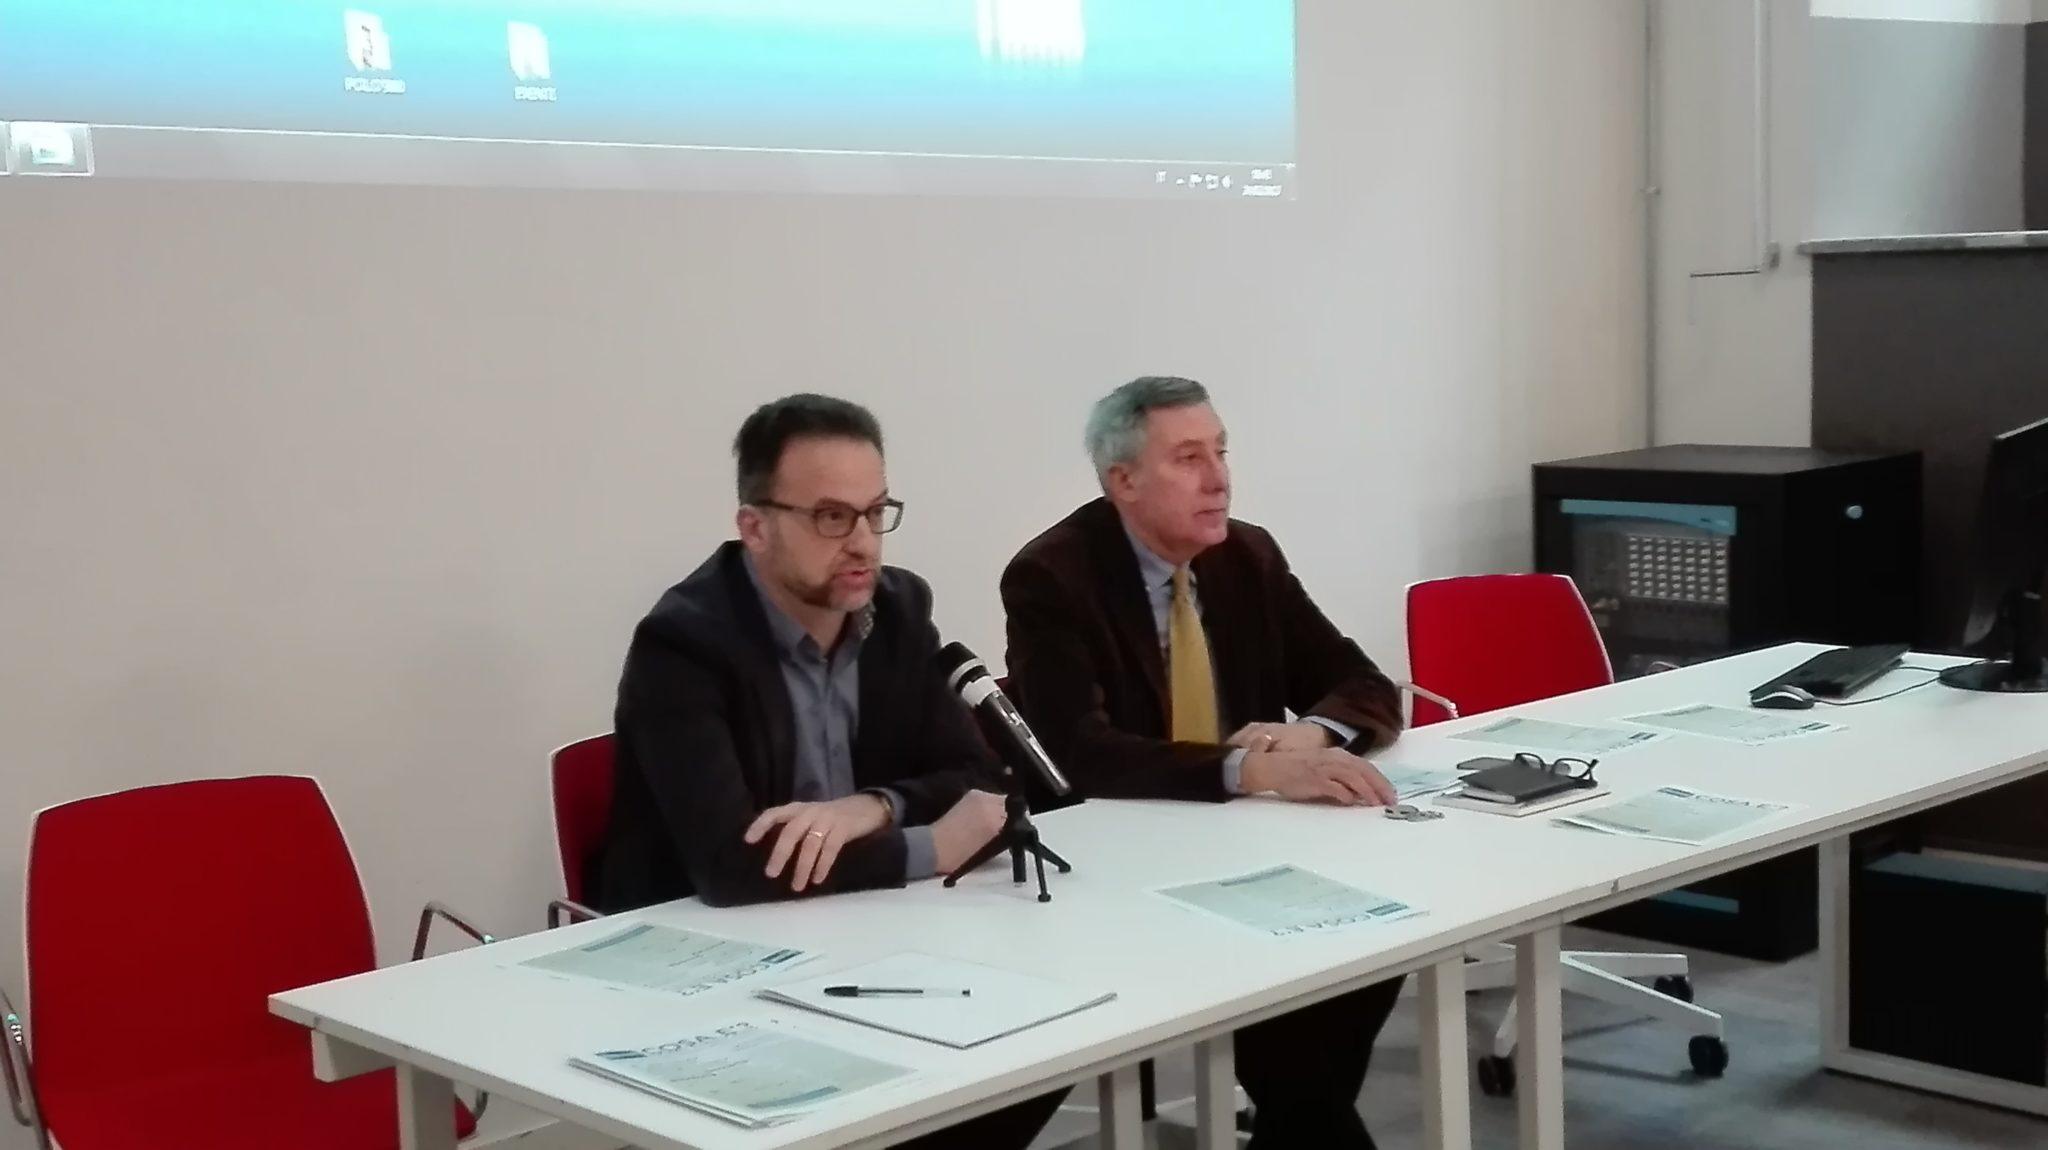 Seminario su vecchie e nuove povertà -Zabaldano e Ferrari